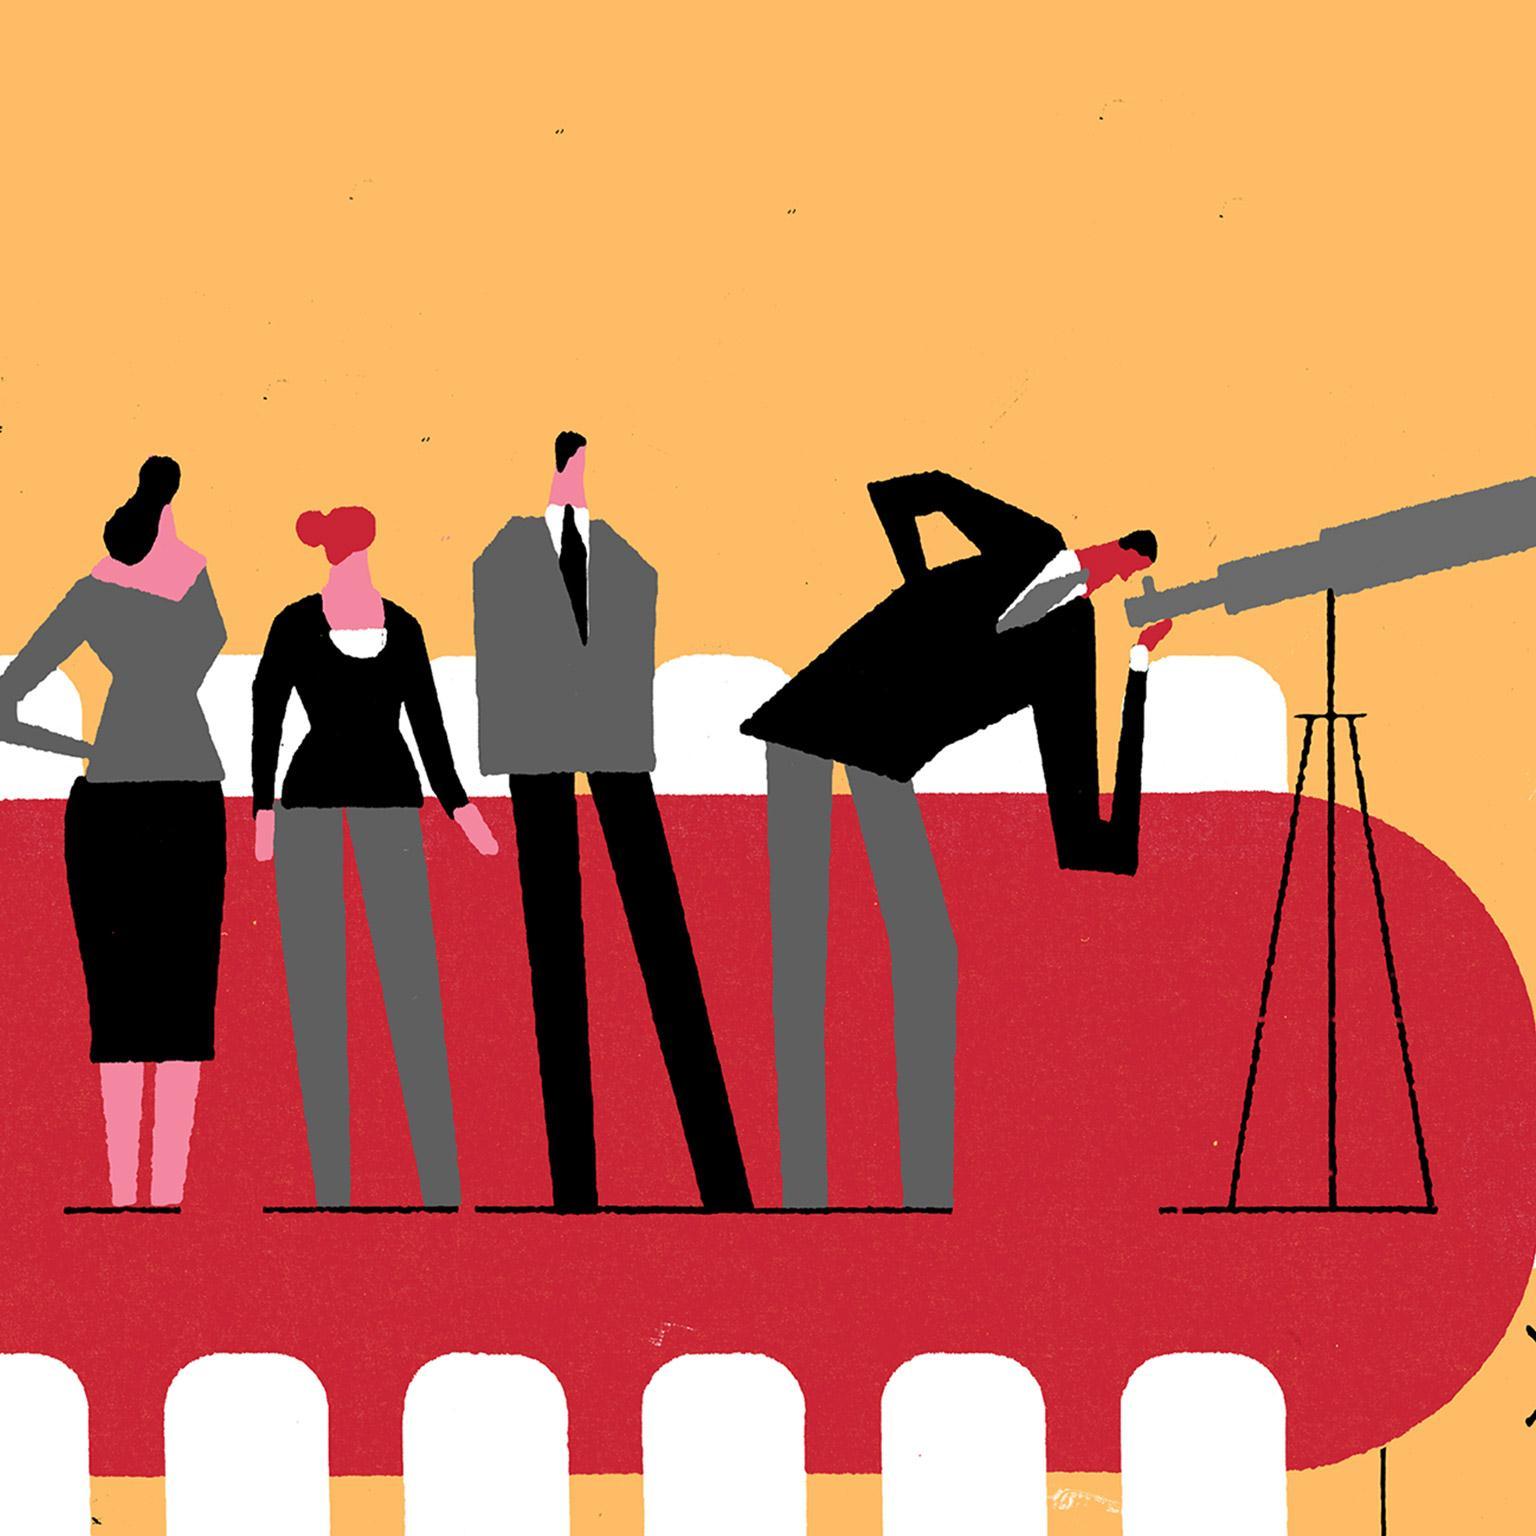 ۳ ویژگی که در نقش مدیرعامل باید با آنها خداحافظی کنید